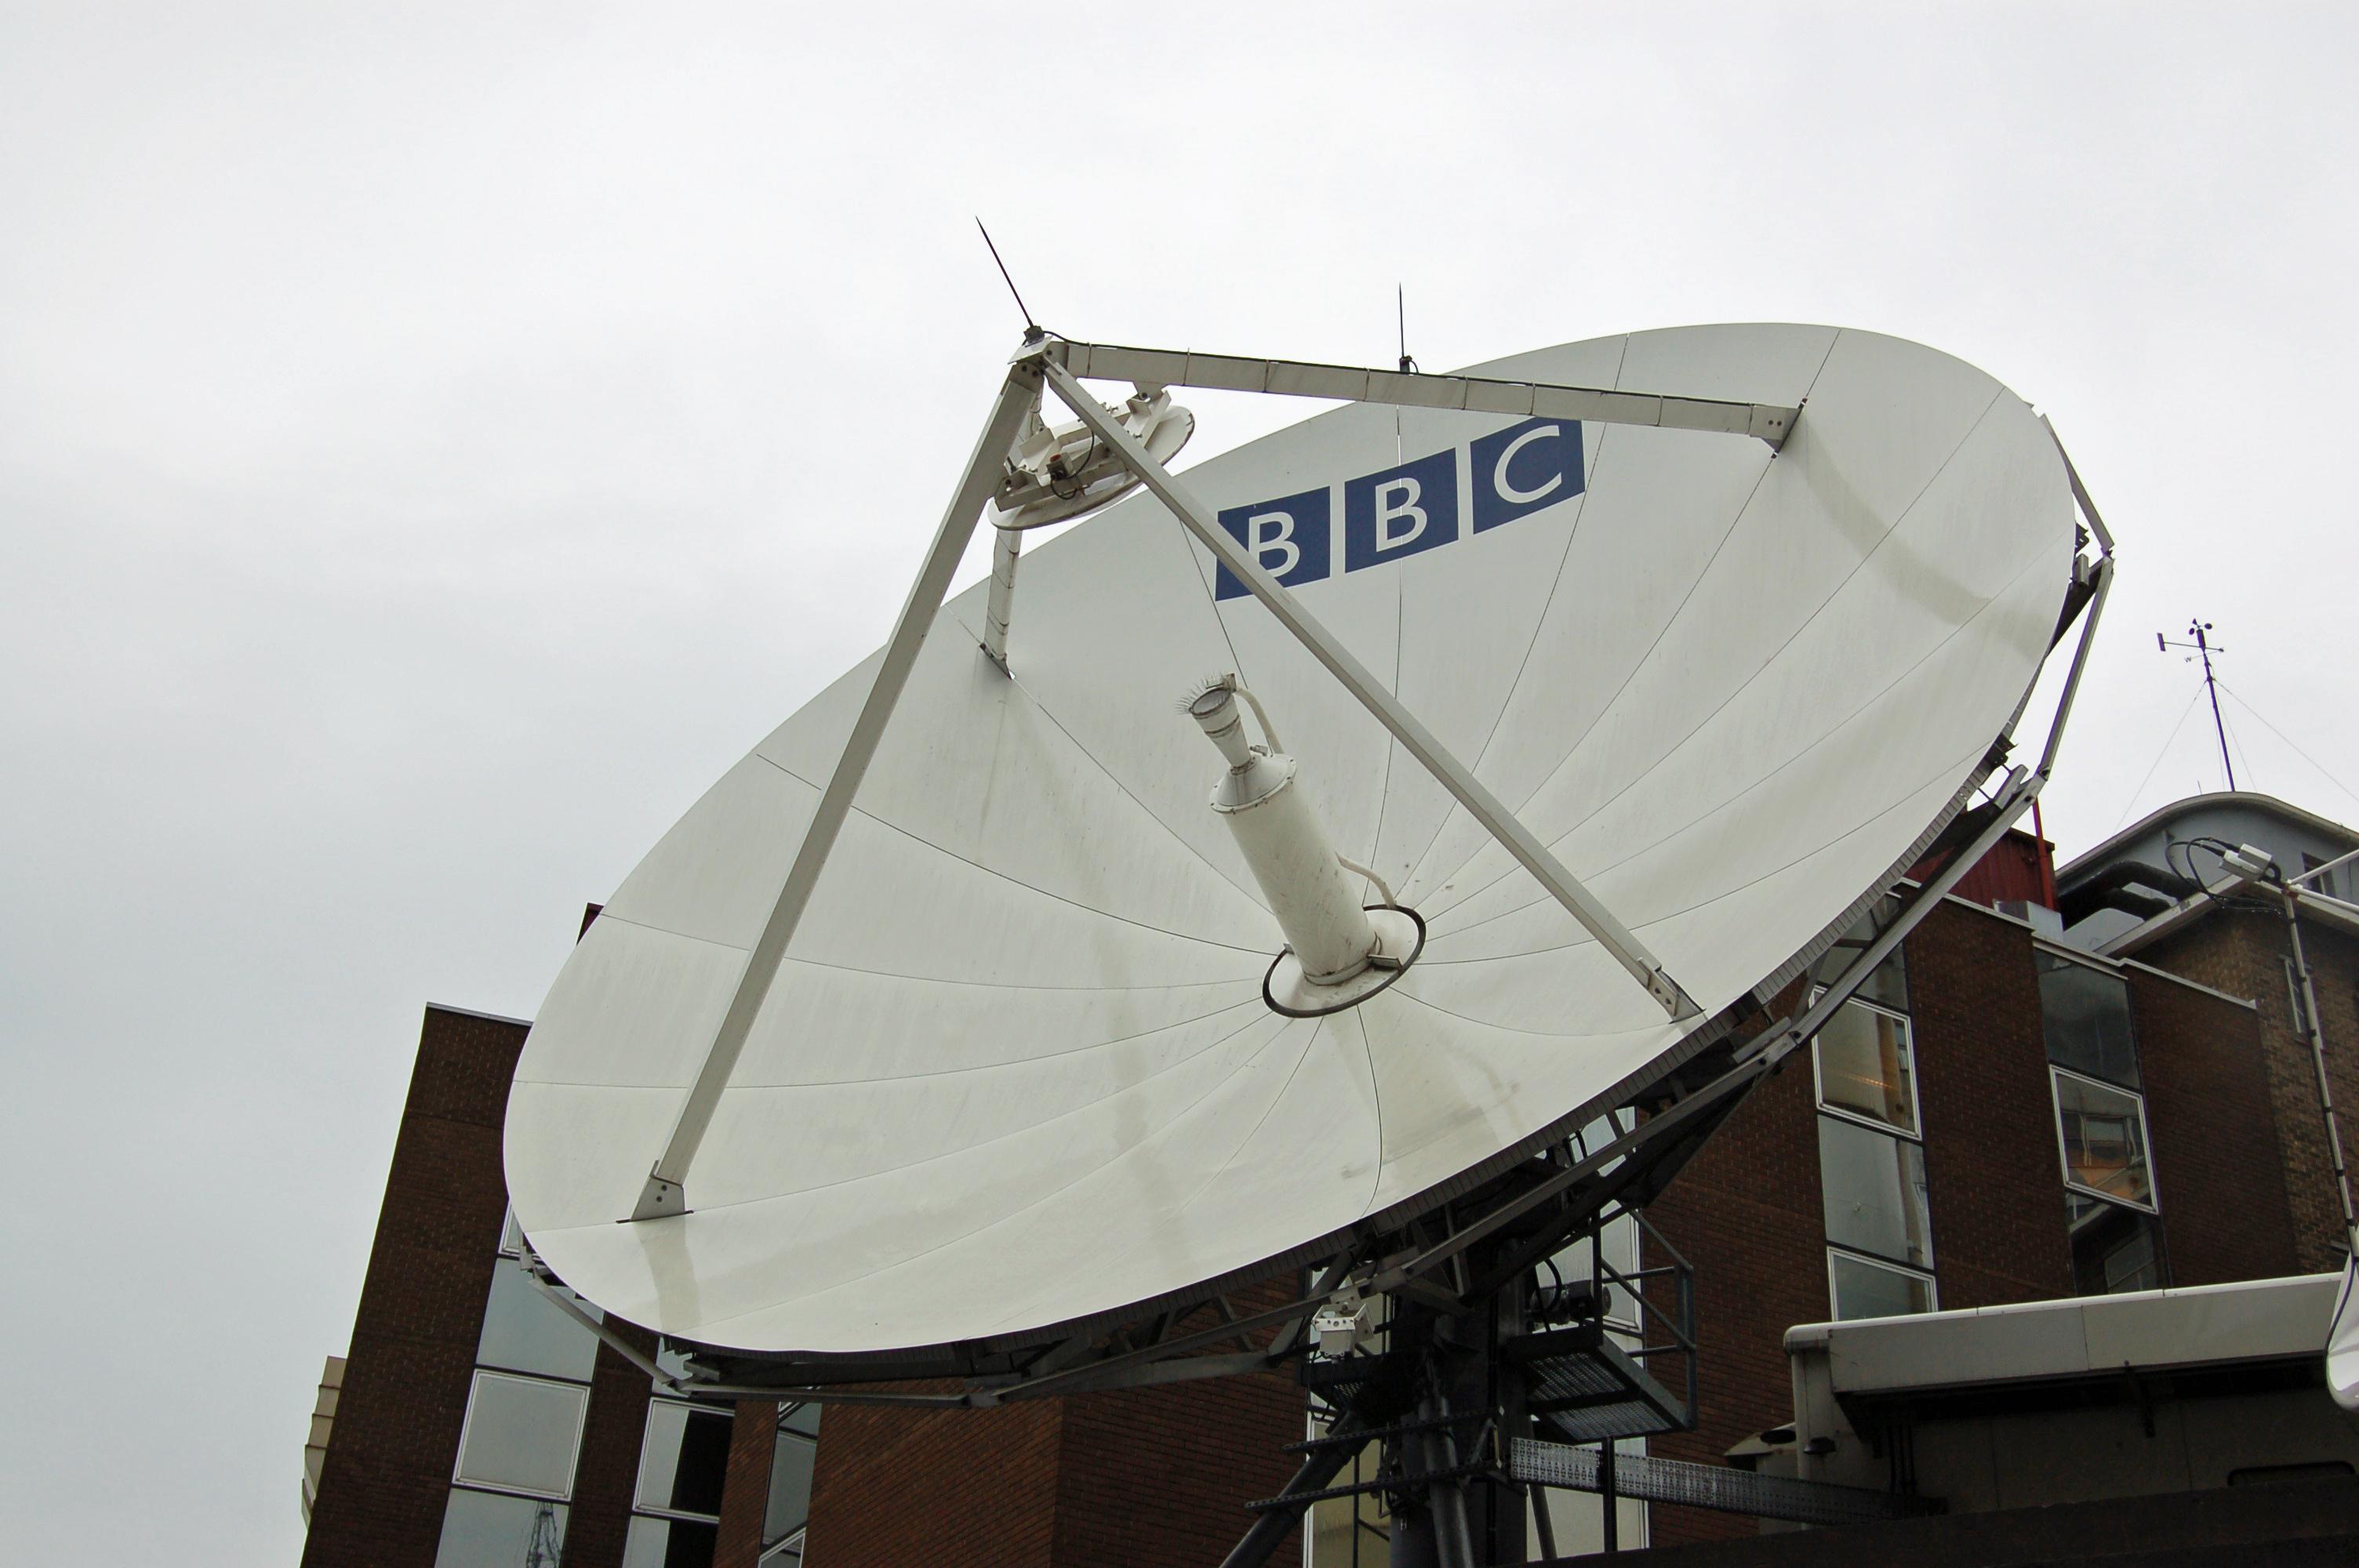 BBC defends £2mn EU handout